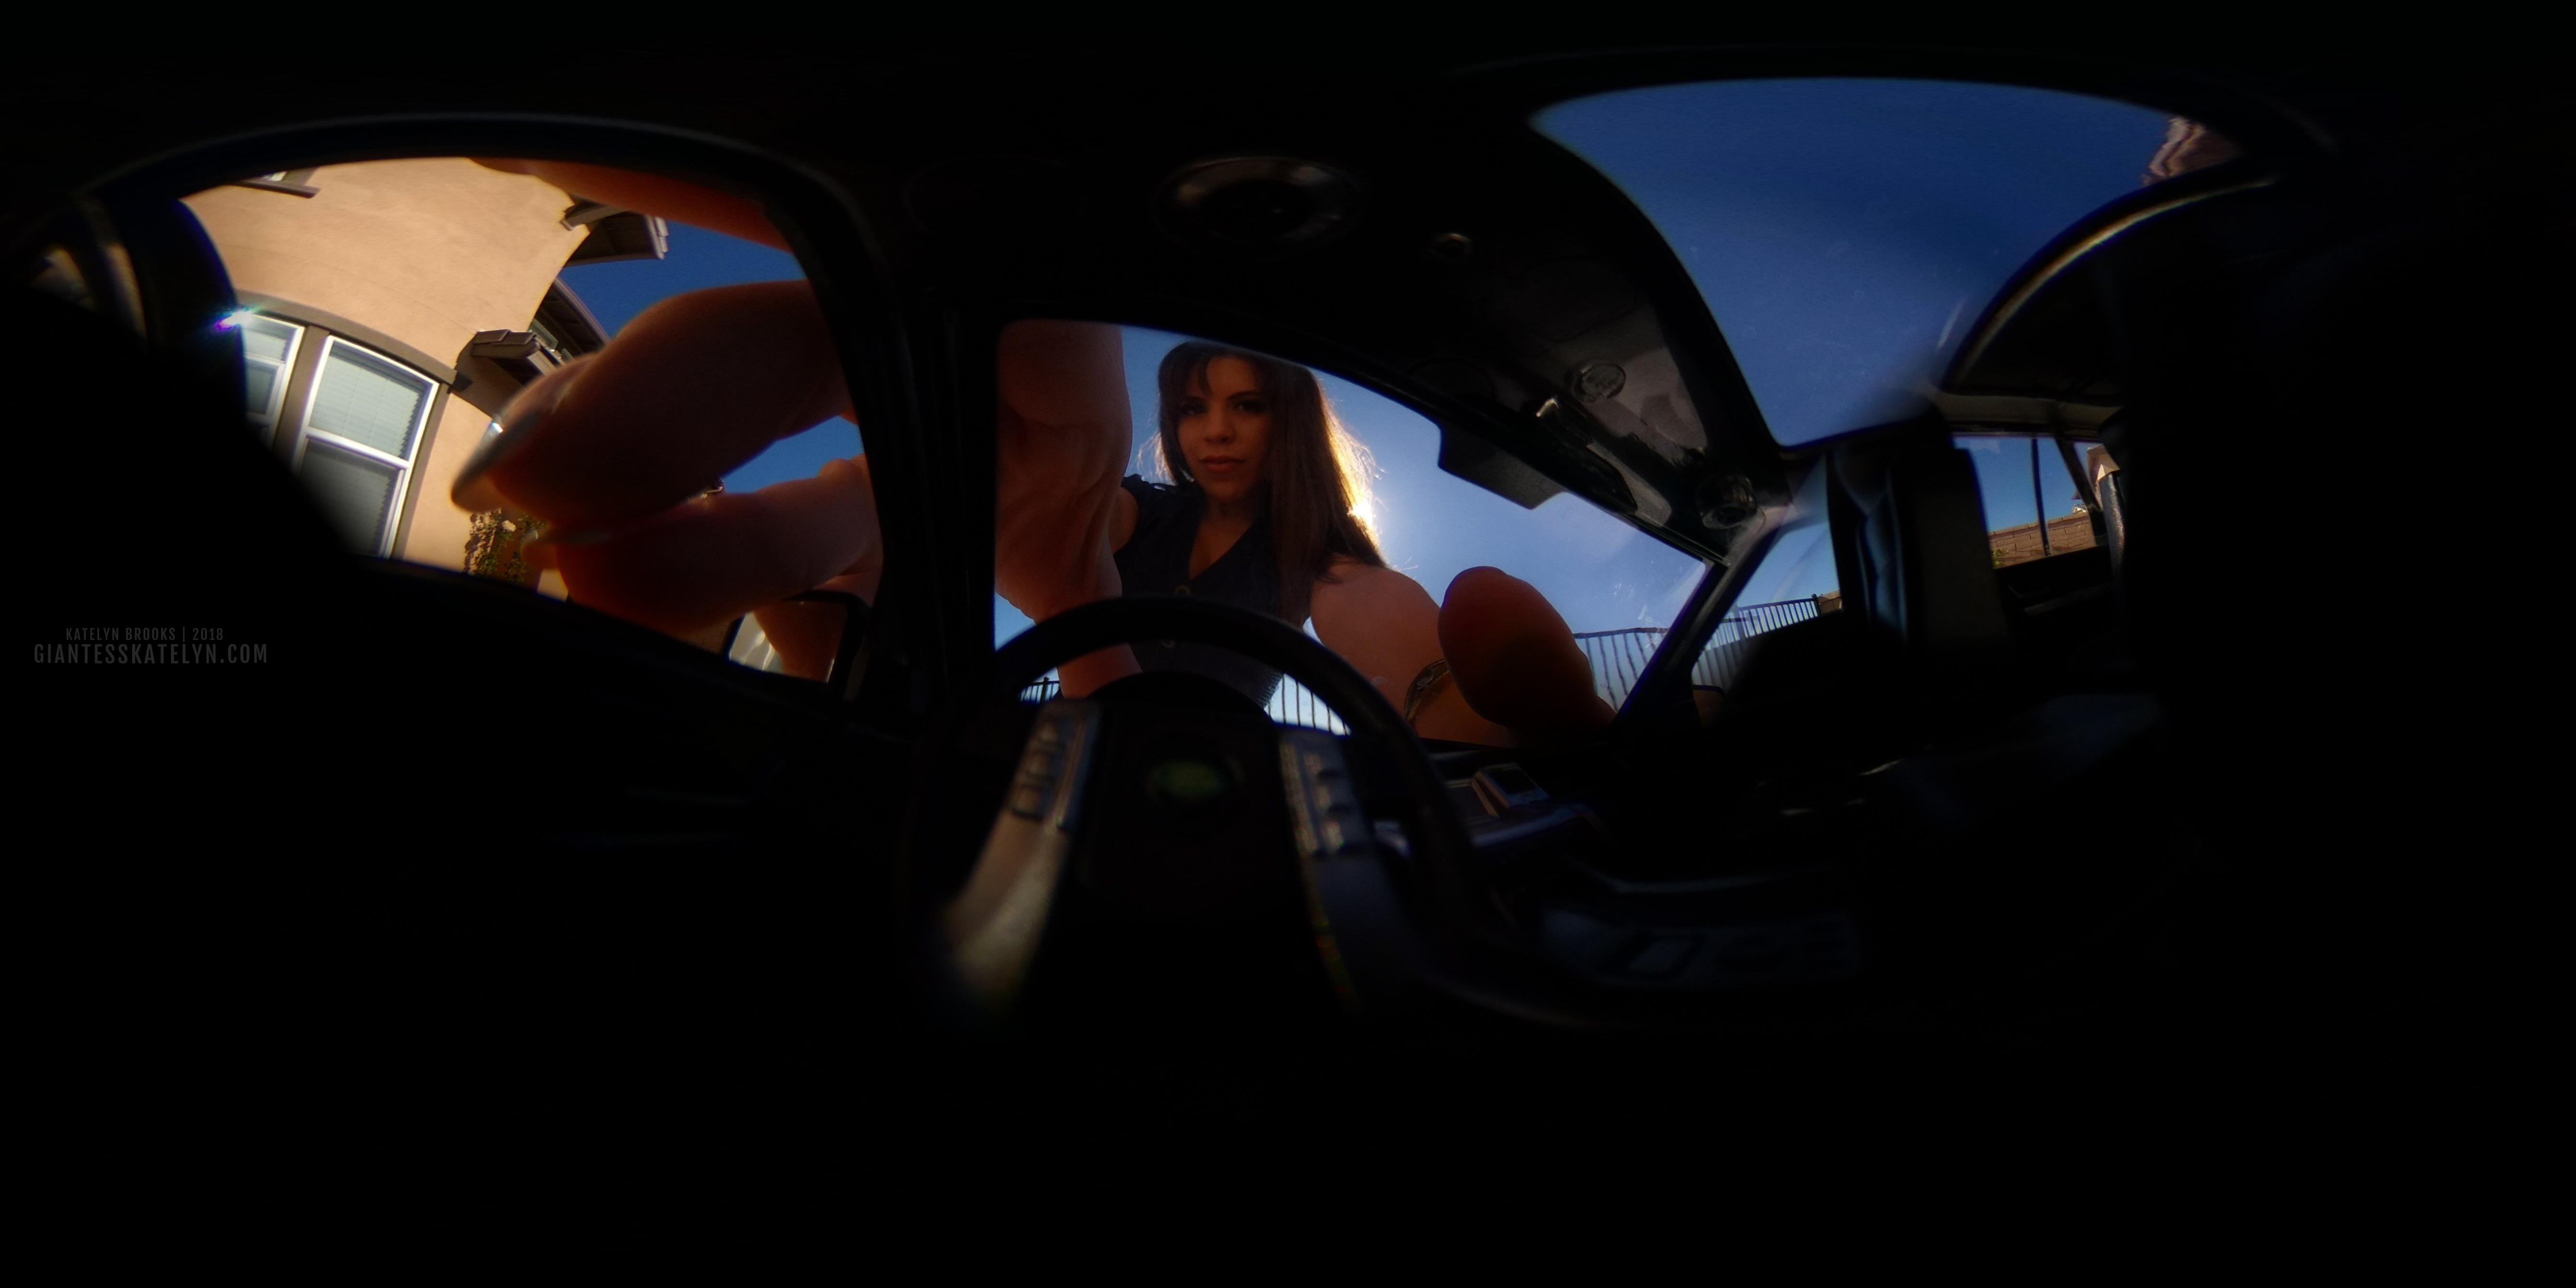 360-4k-vr-shrunken-man-pov-inside-car-02